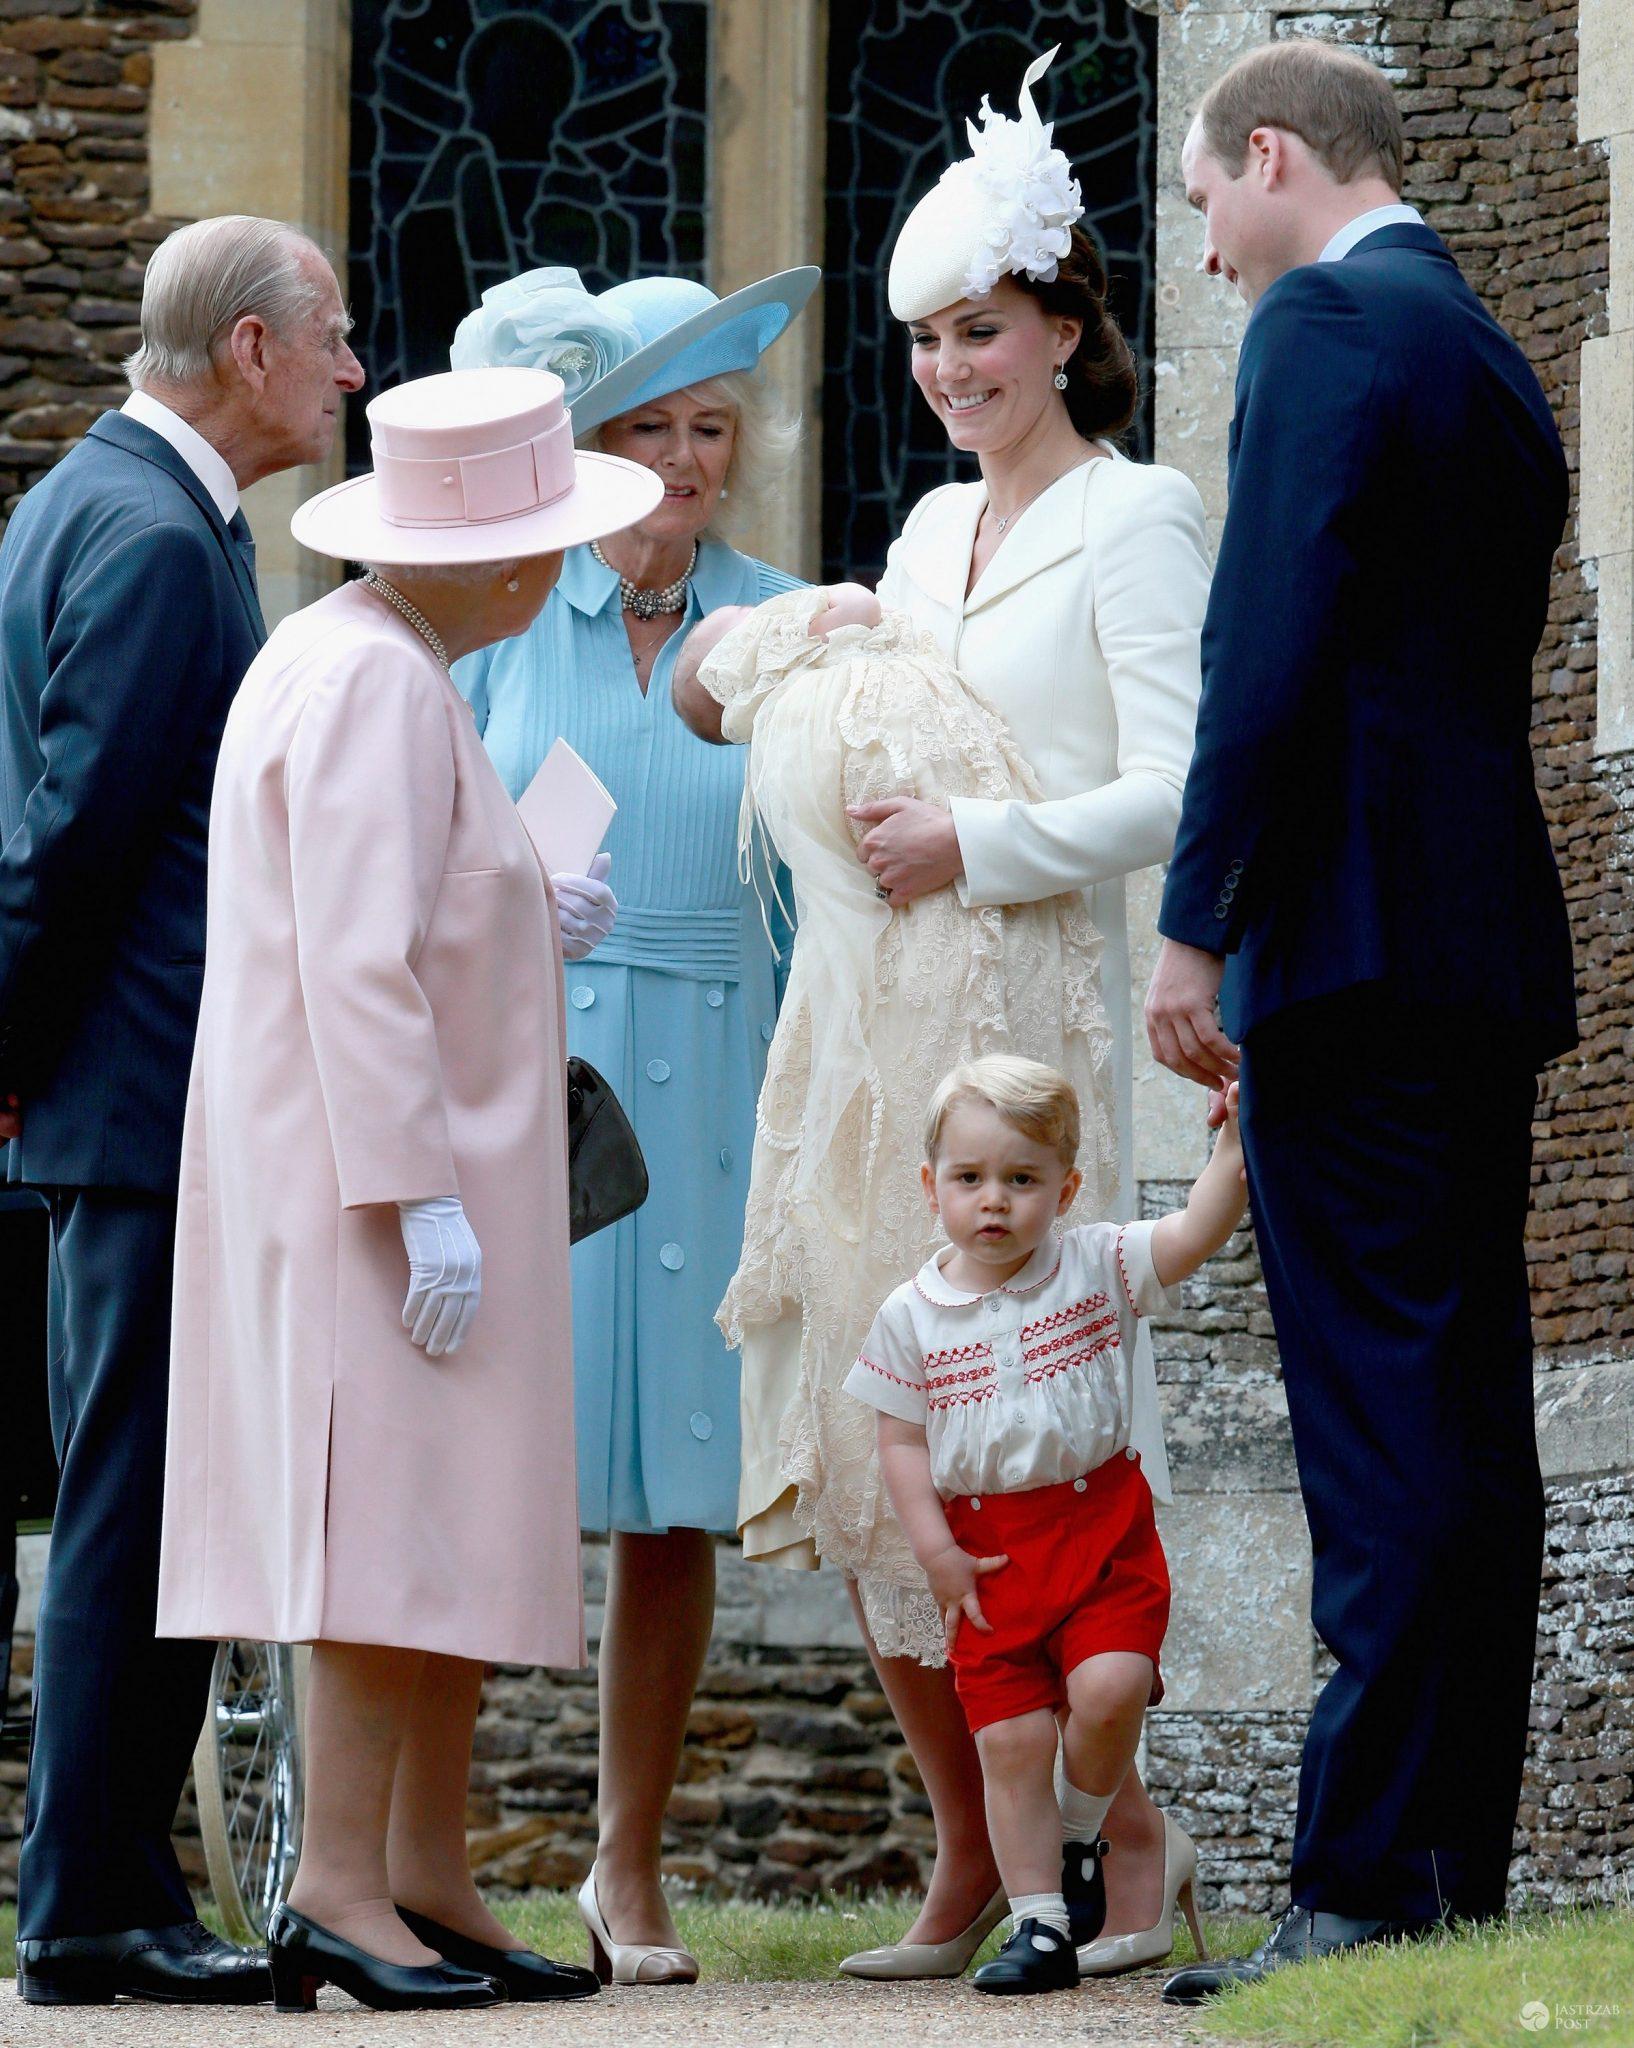 Chrzest księżniczki Charlotte. Na zdj. królowa Elżbieta i książę Filip, księżna Camilla, księżna Kate z córką i książę William z synem George'em